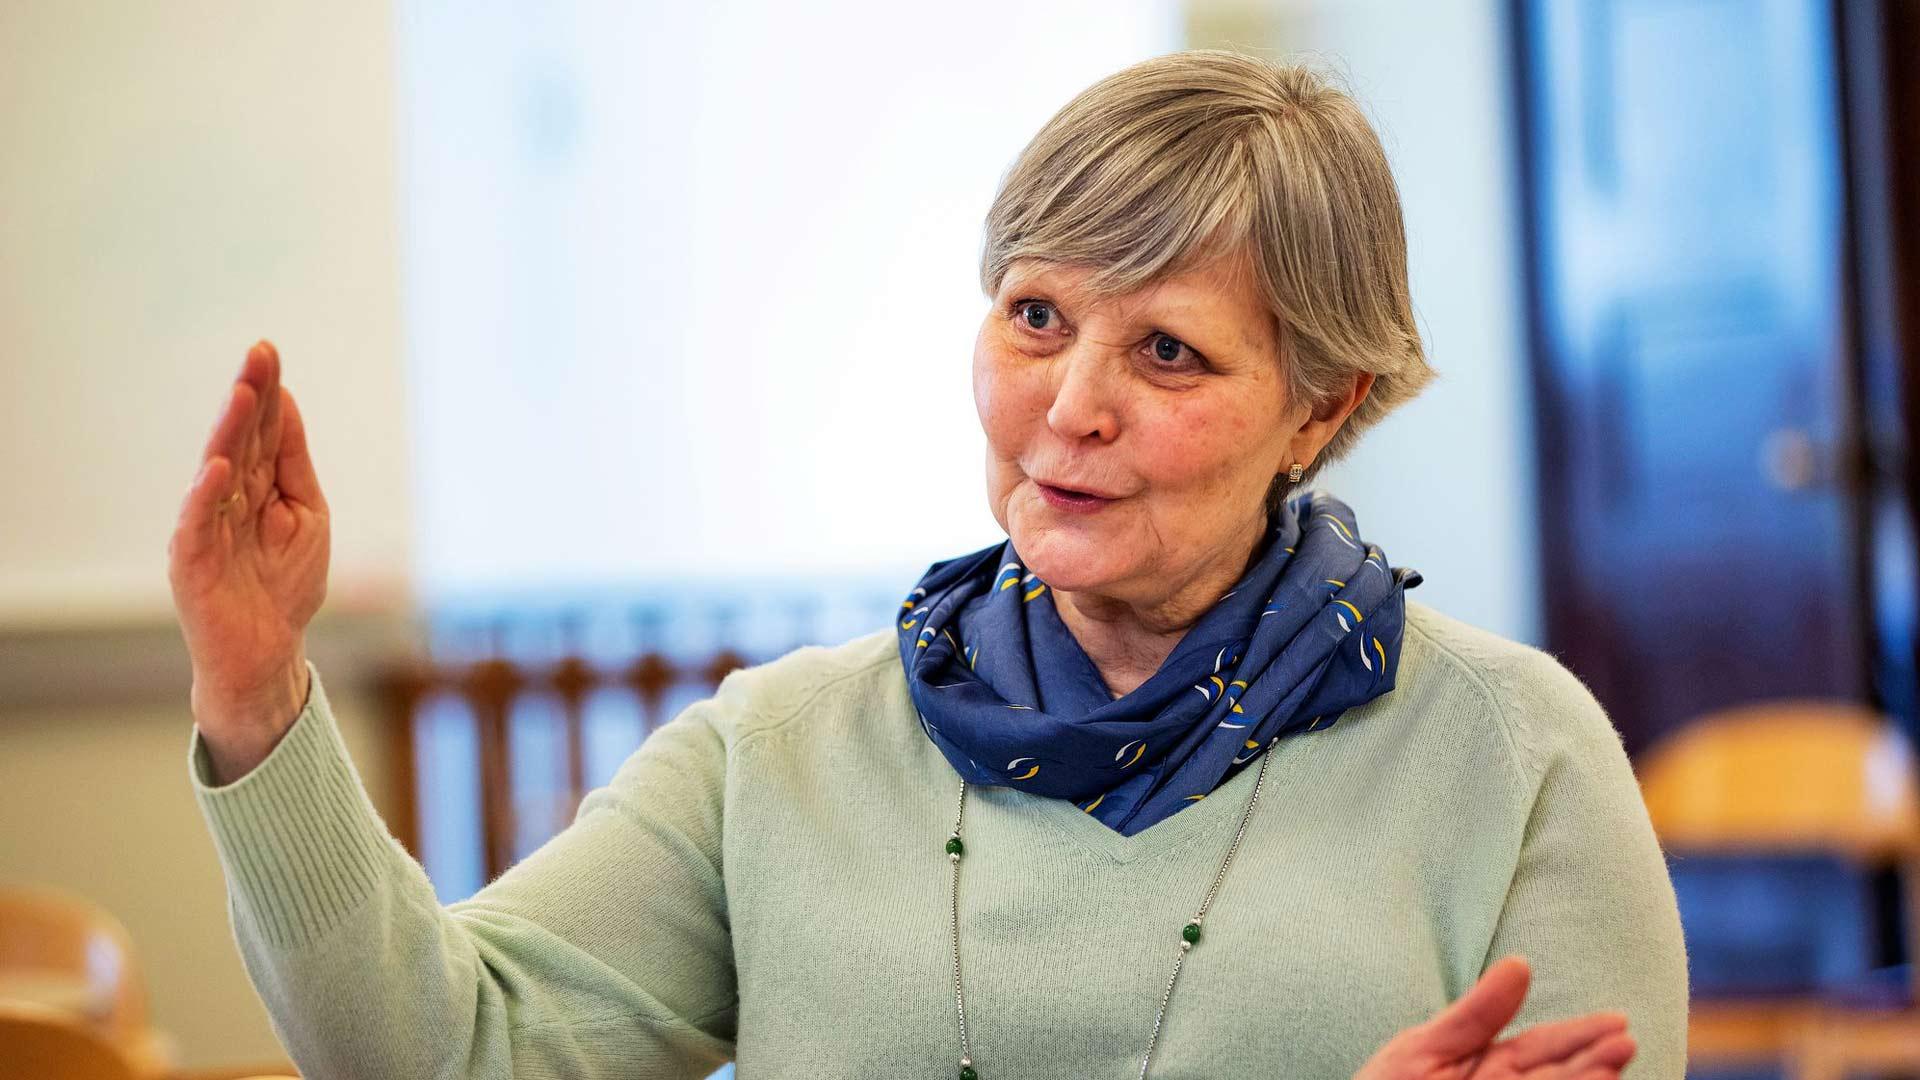 Rehtori Heli Lindström on tehnyt koko työuransa Ruotsin koululaitoksessa ja nähnyt myös ruotsinsuomalaisten aseman muutoksen.